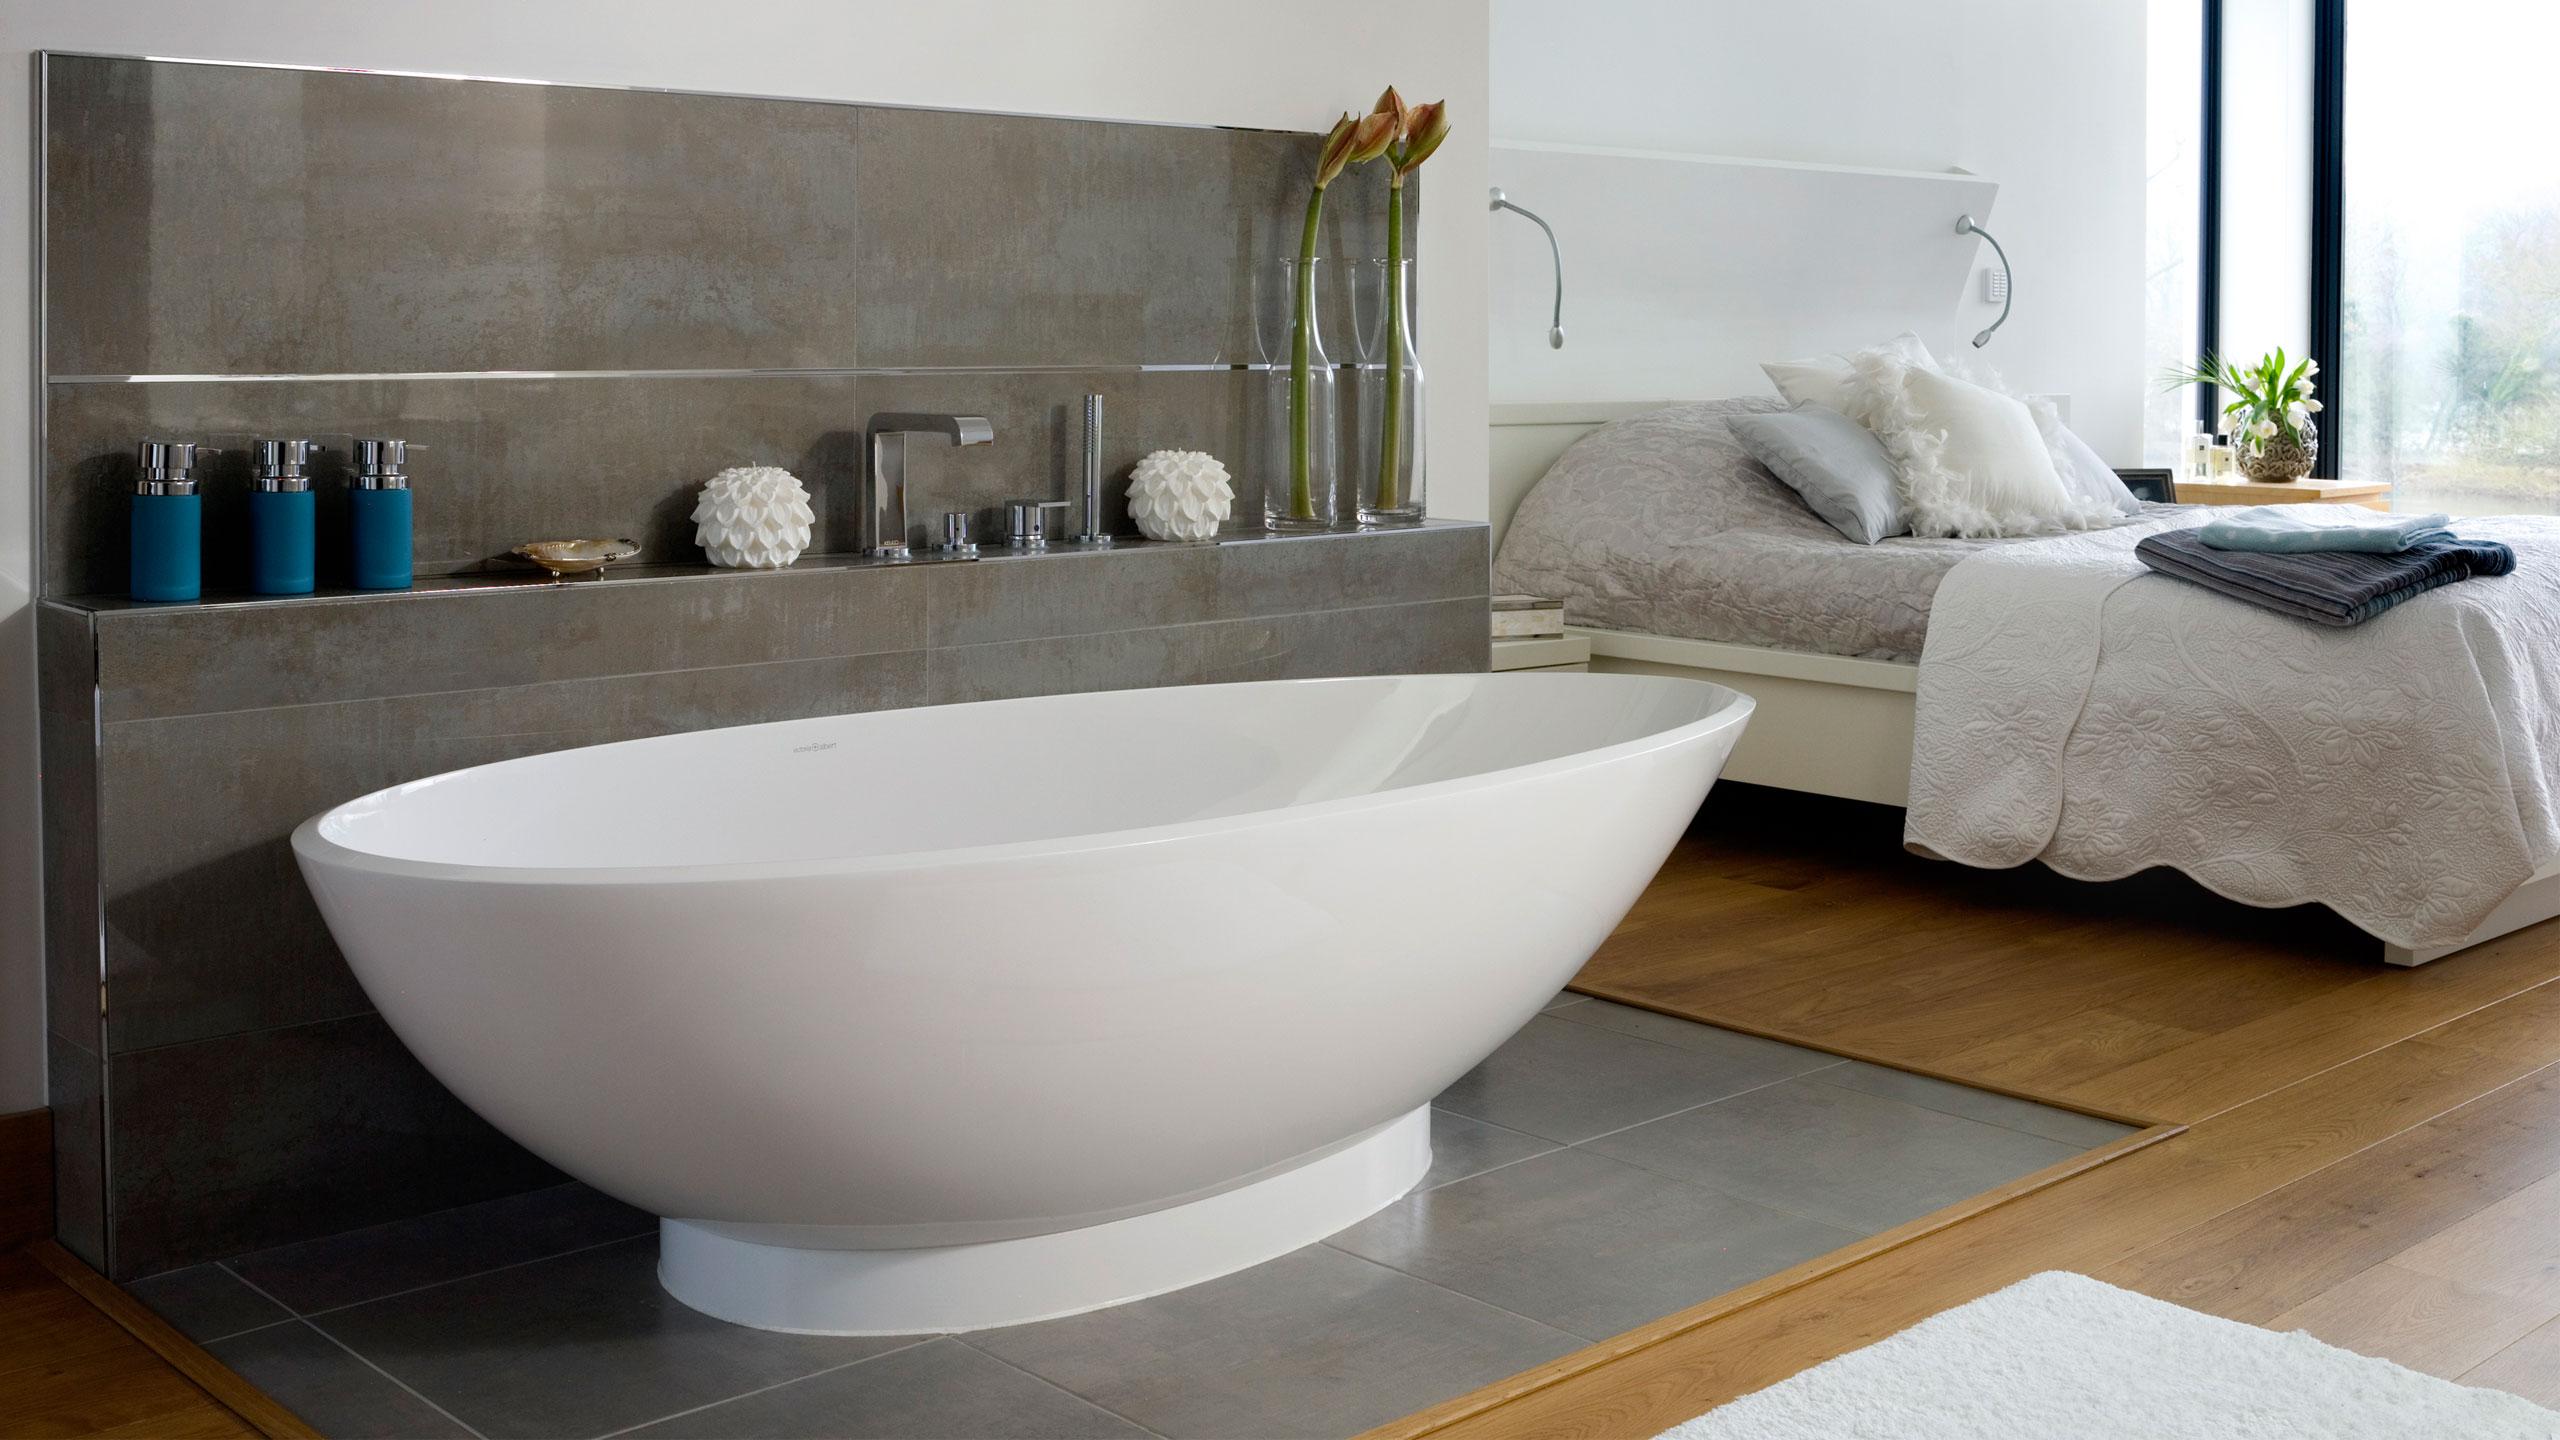 Vasca Da Bagno Napoli : Vasca da bagno victoria albert napoli vasca da bagno tradizionale